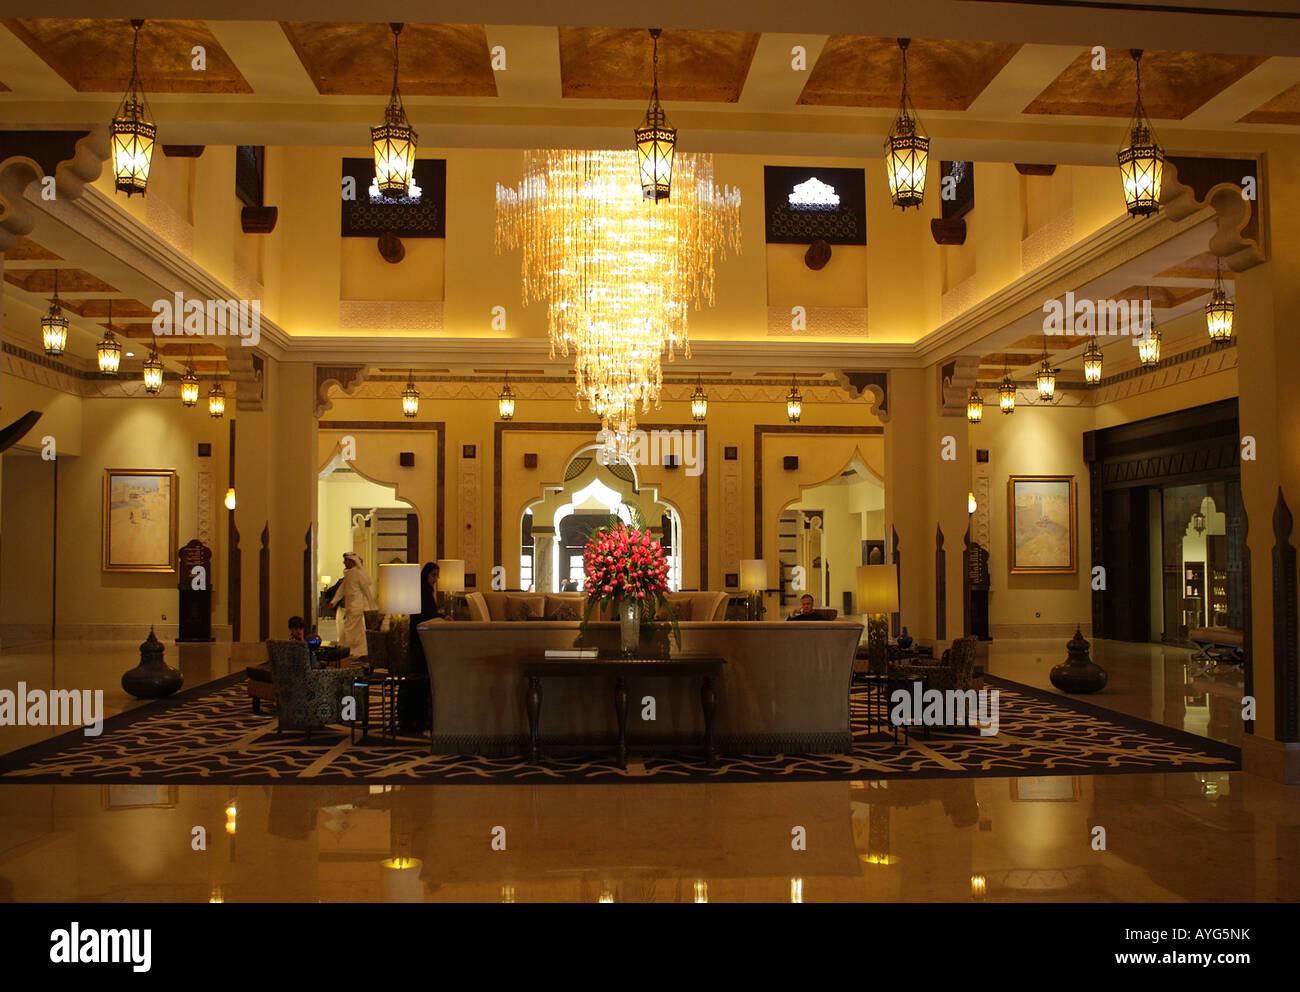 Hotel de lujo de cinco estrellas El Ritz Carlton Sharq Village and Spa en Doha, Qatar Imagen De Stock